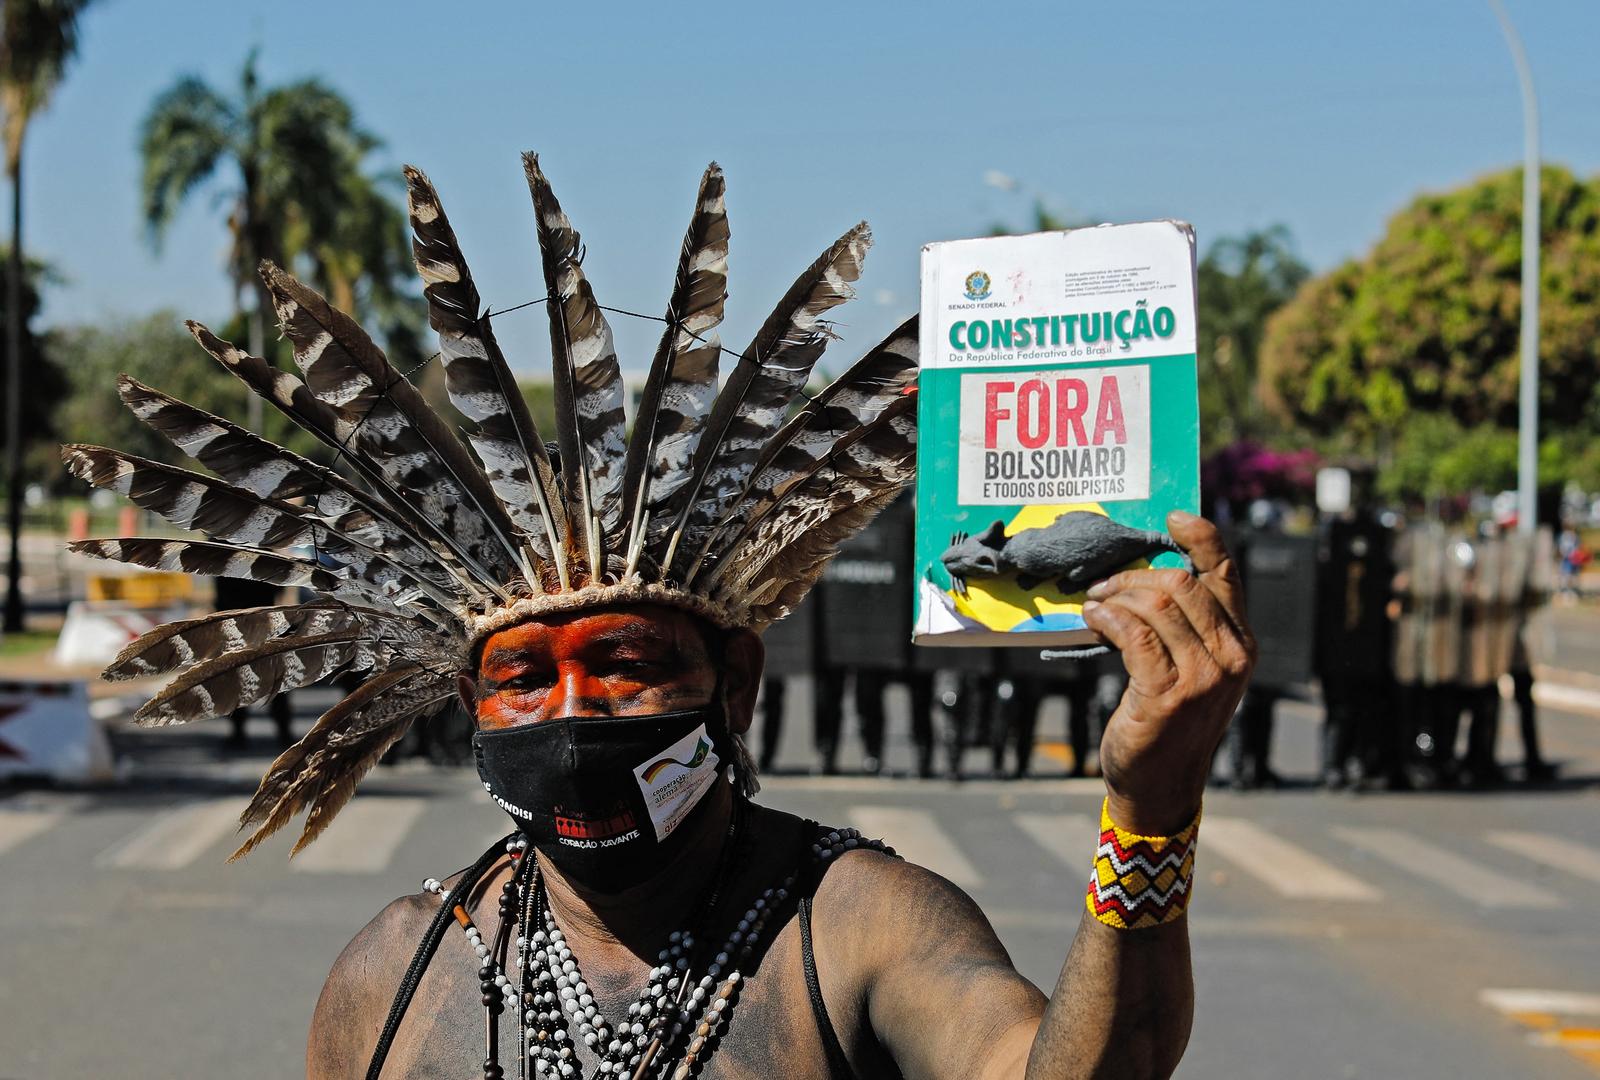 Brésil : plusieurs blessés lors de heurts entre indigènes et policiers devant le Parlement (VIDEOS)